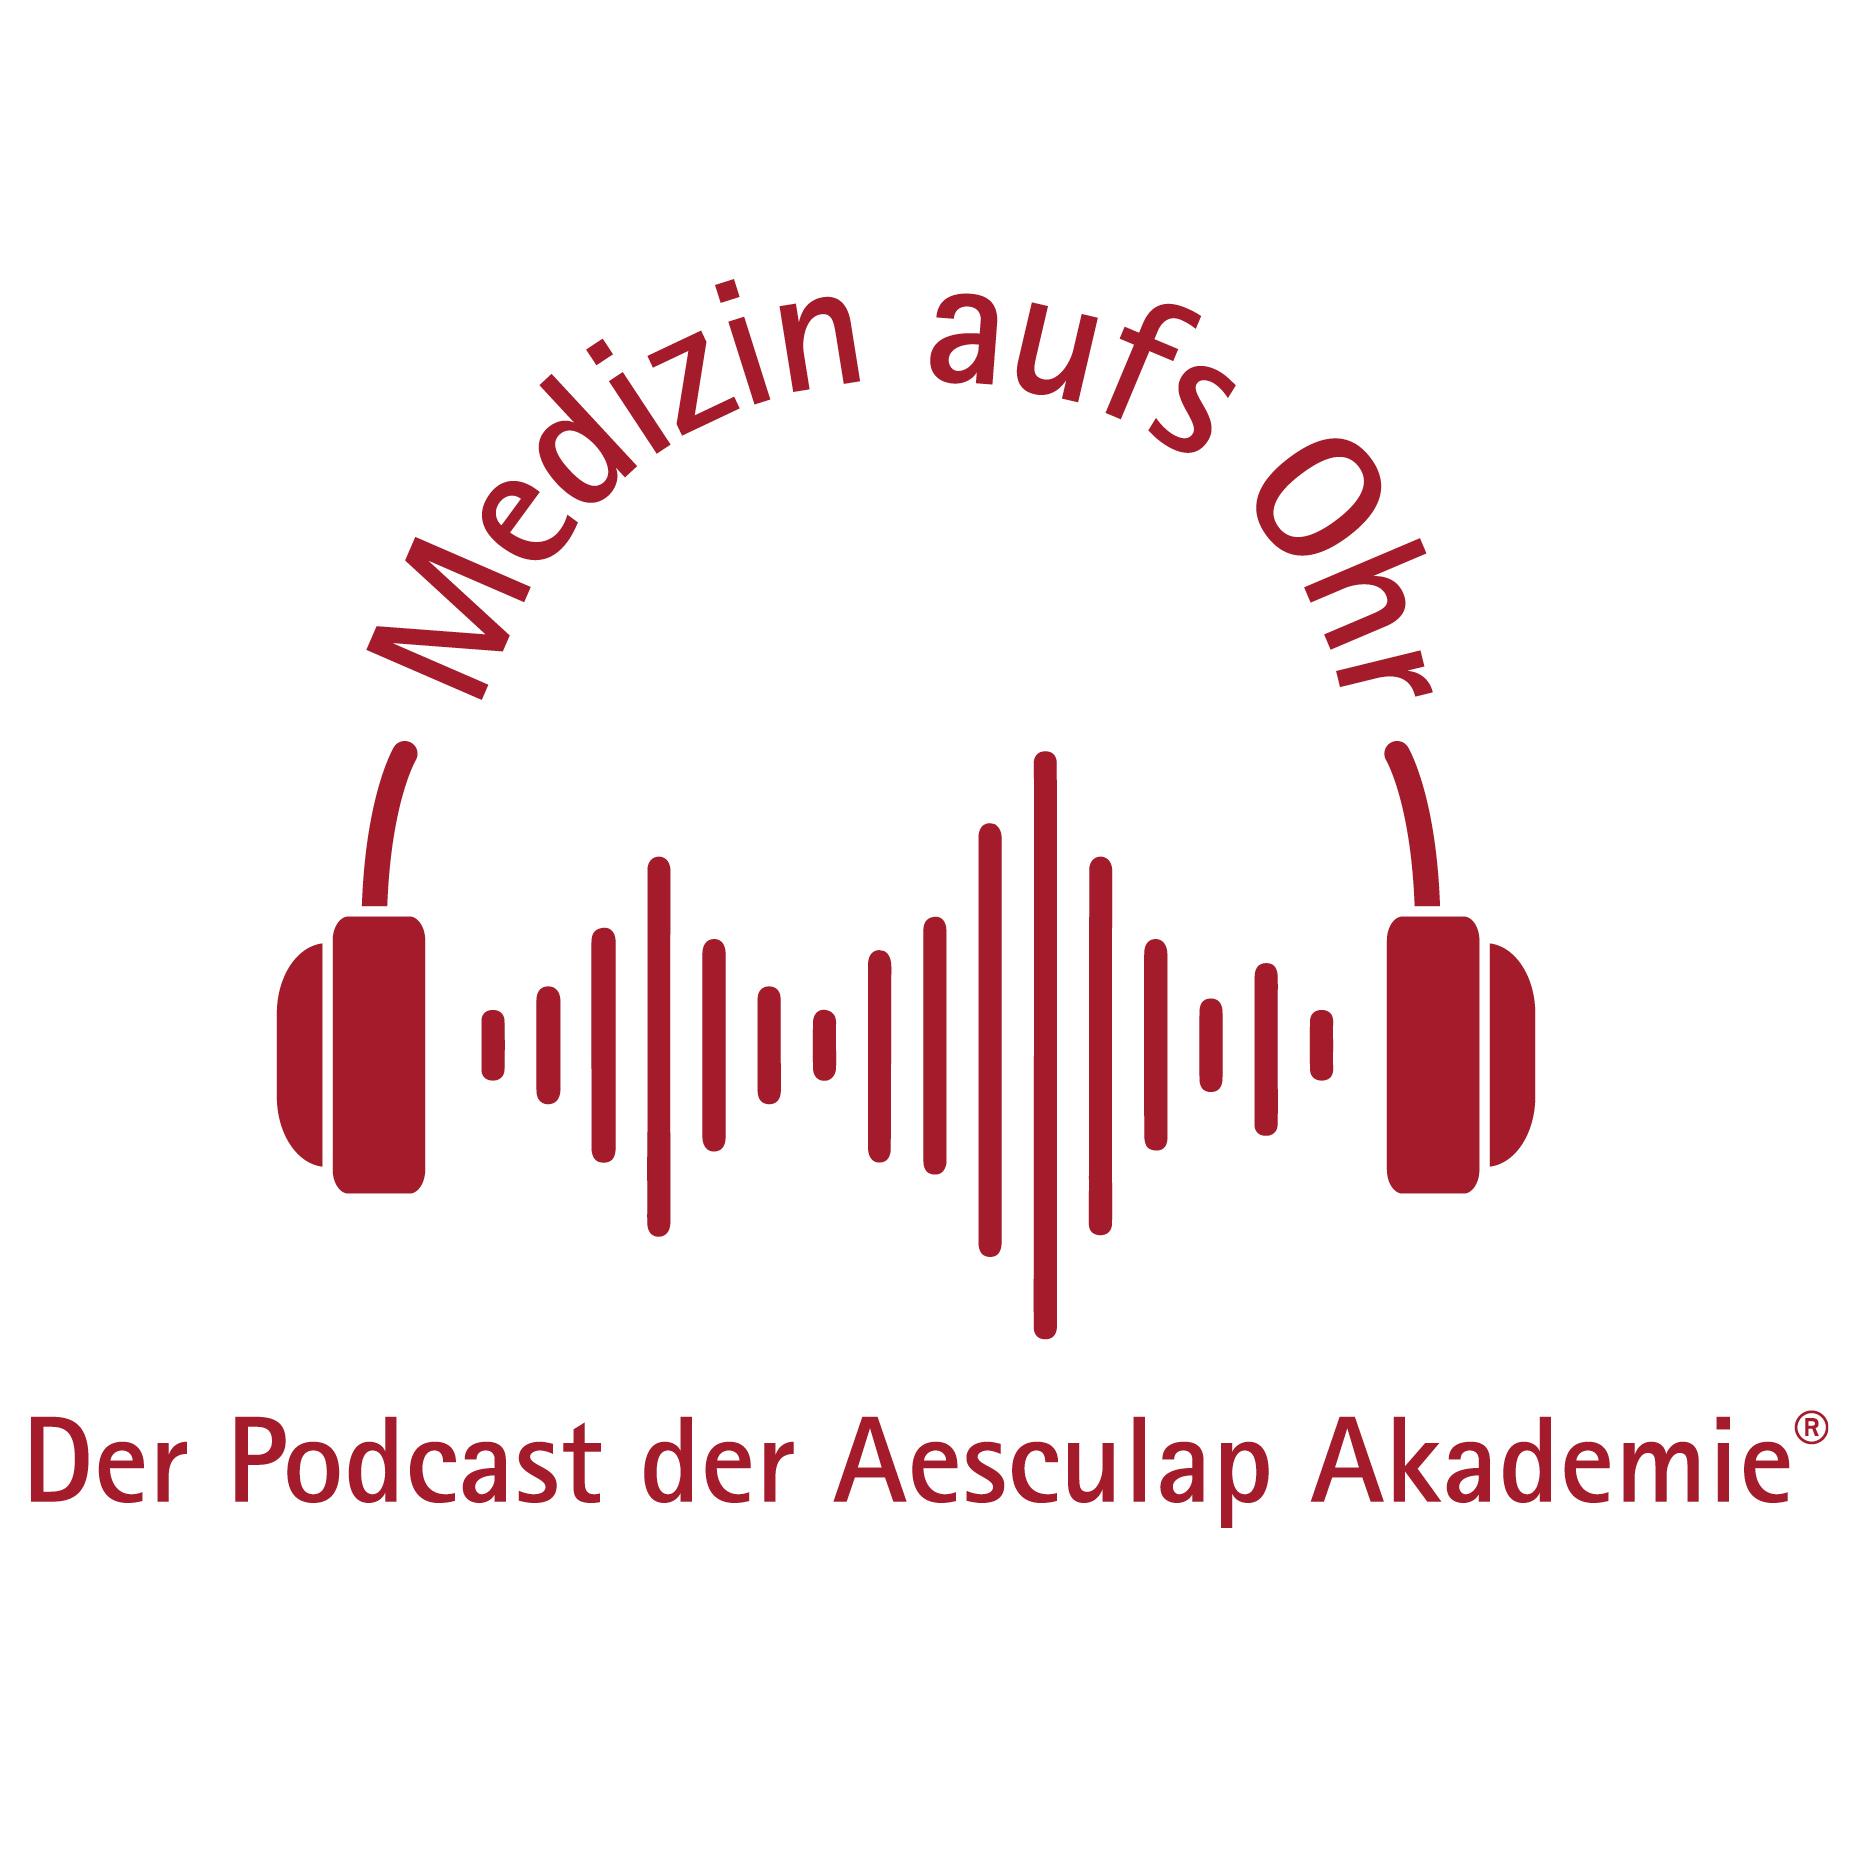 Medizin aufs Ohr-Der Podcast der Aesculap Akademie